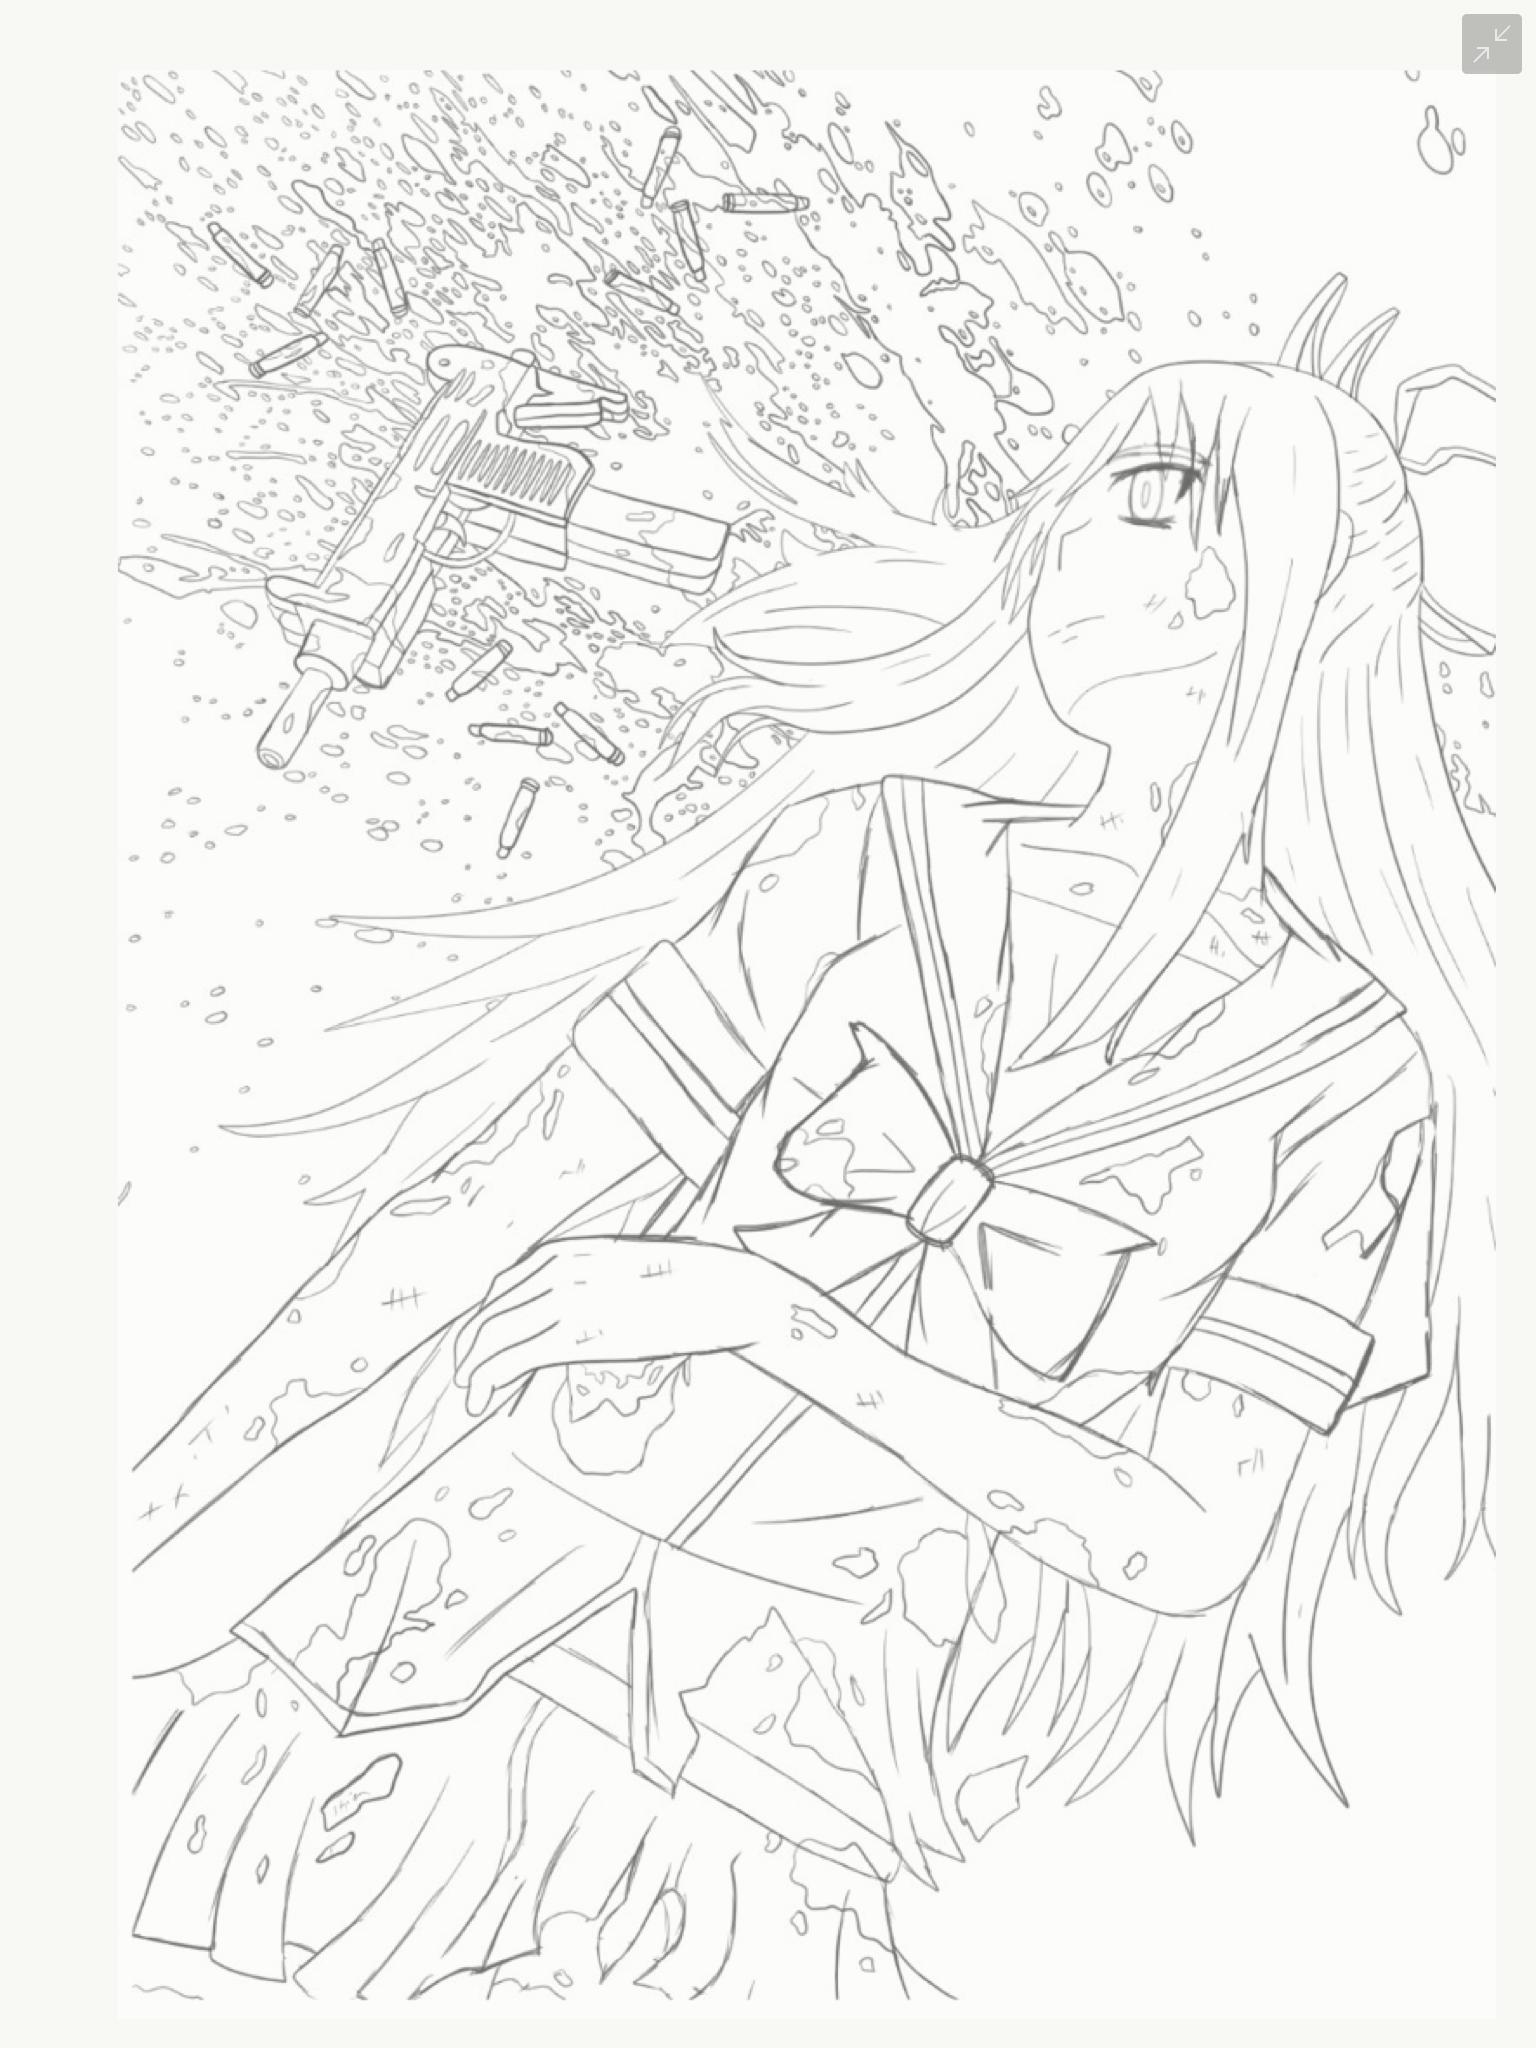 corpse-princess-pop-art-process-image-1.png